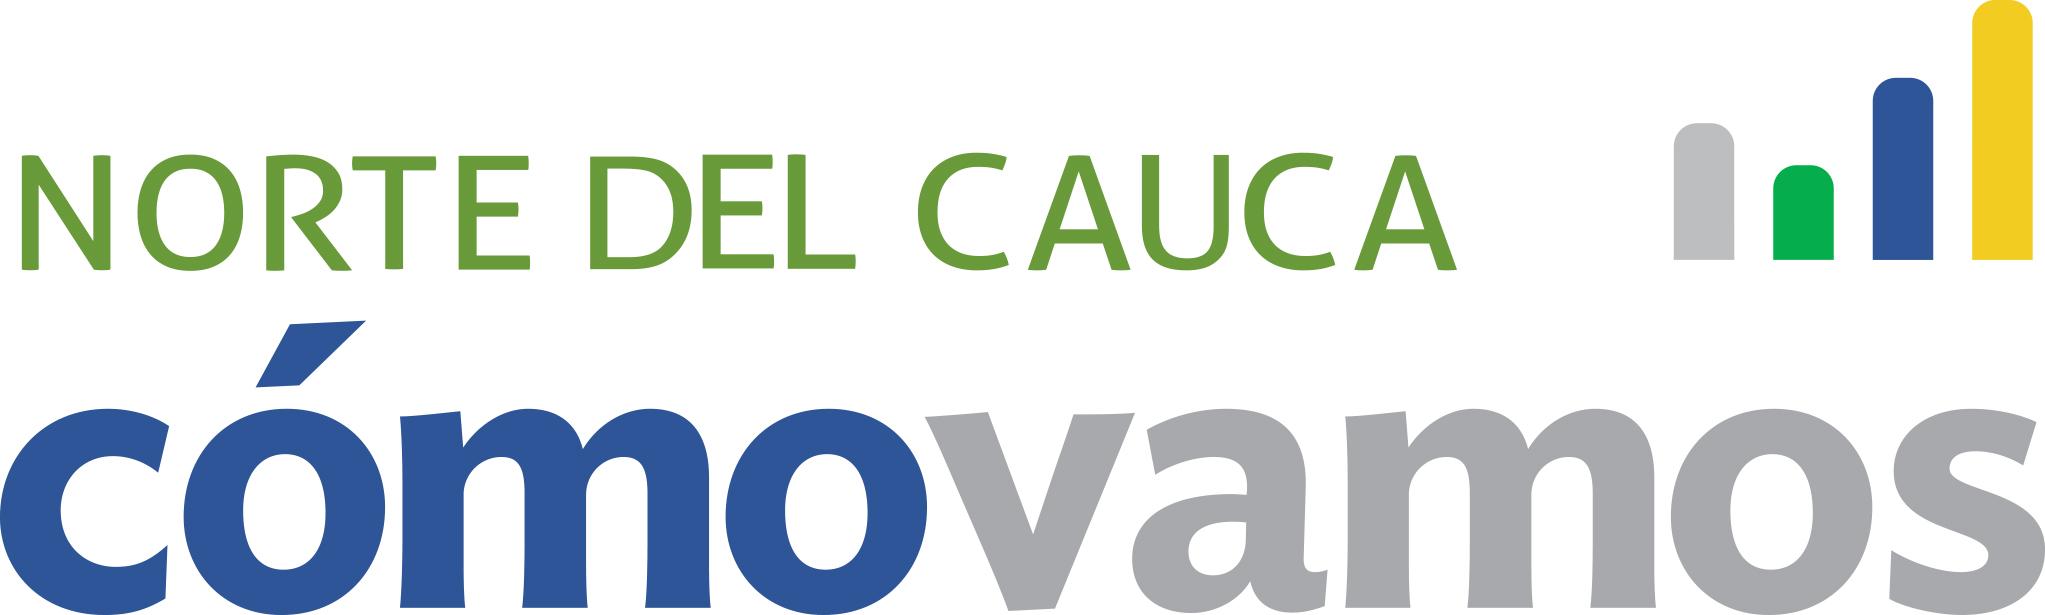 Programa Norte del Cauca cómo vamos